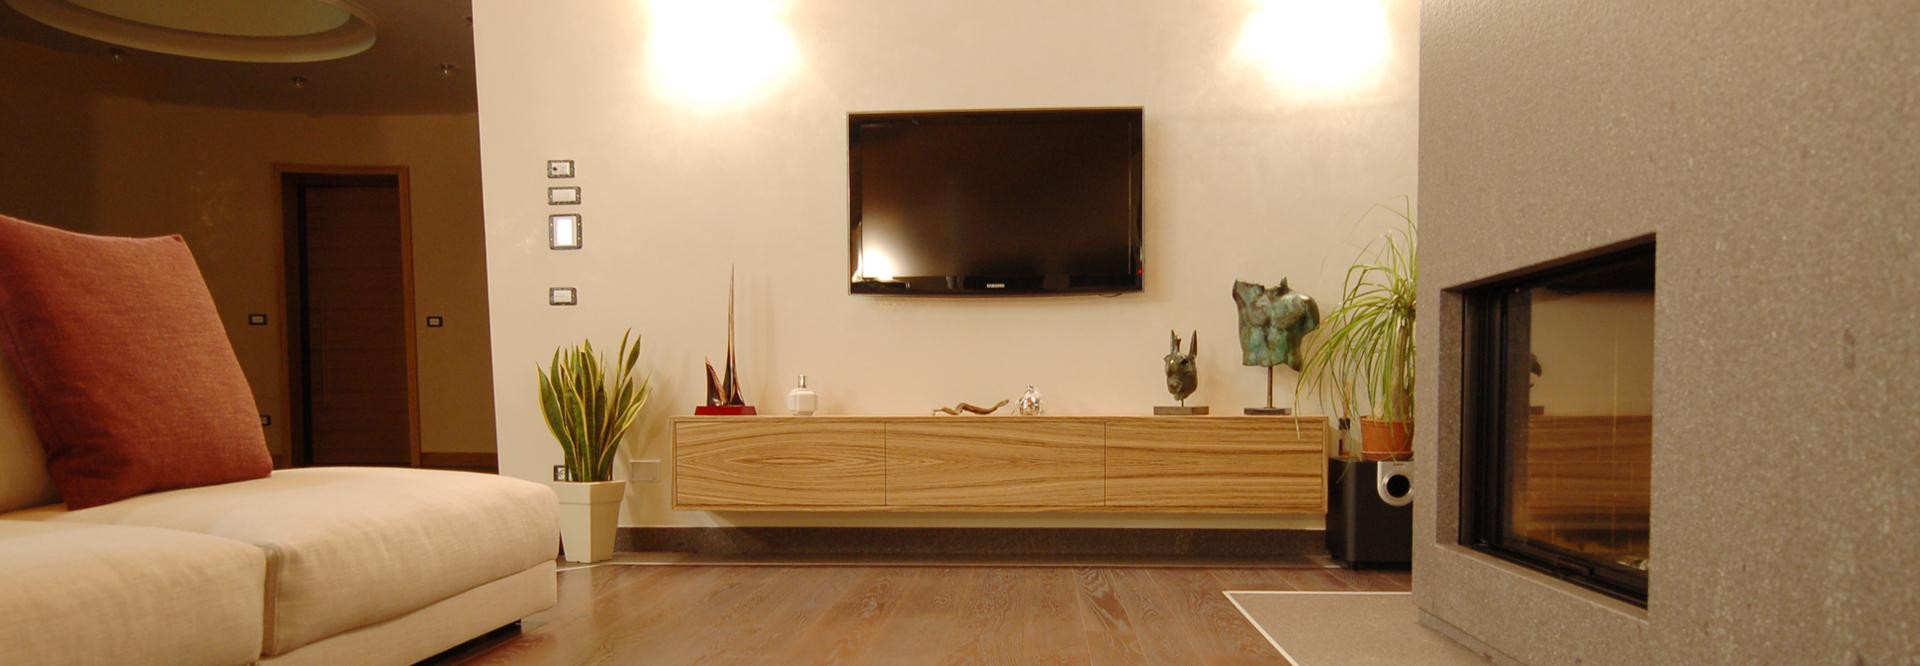 Falegnameria brescia arredamenti per la tua casa e la for Casa tua arredamenti